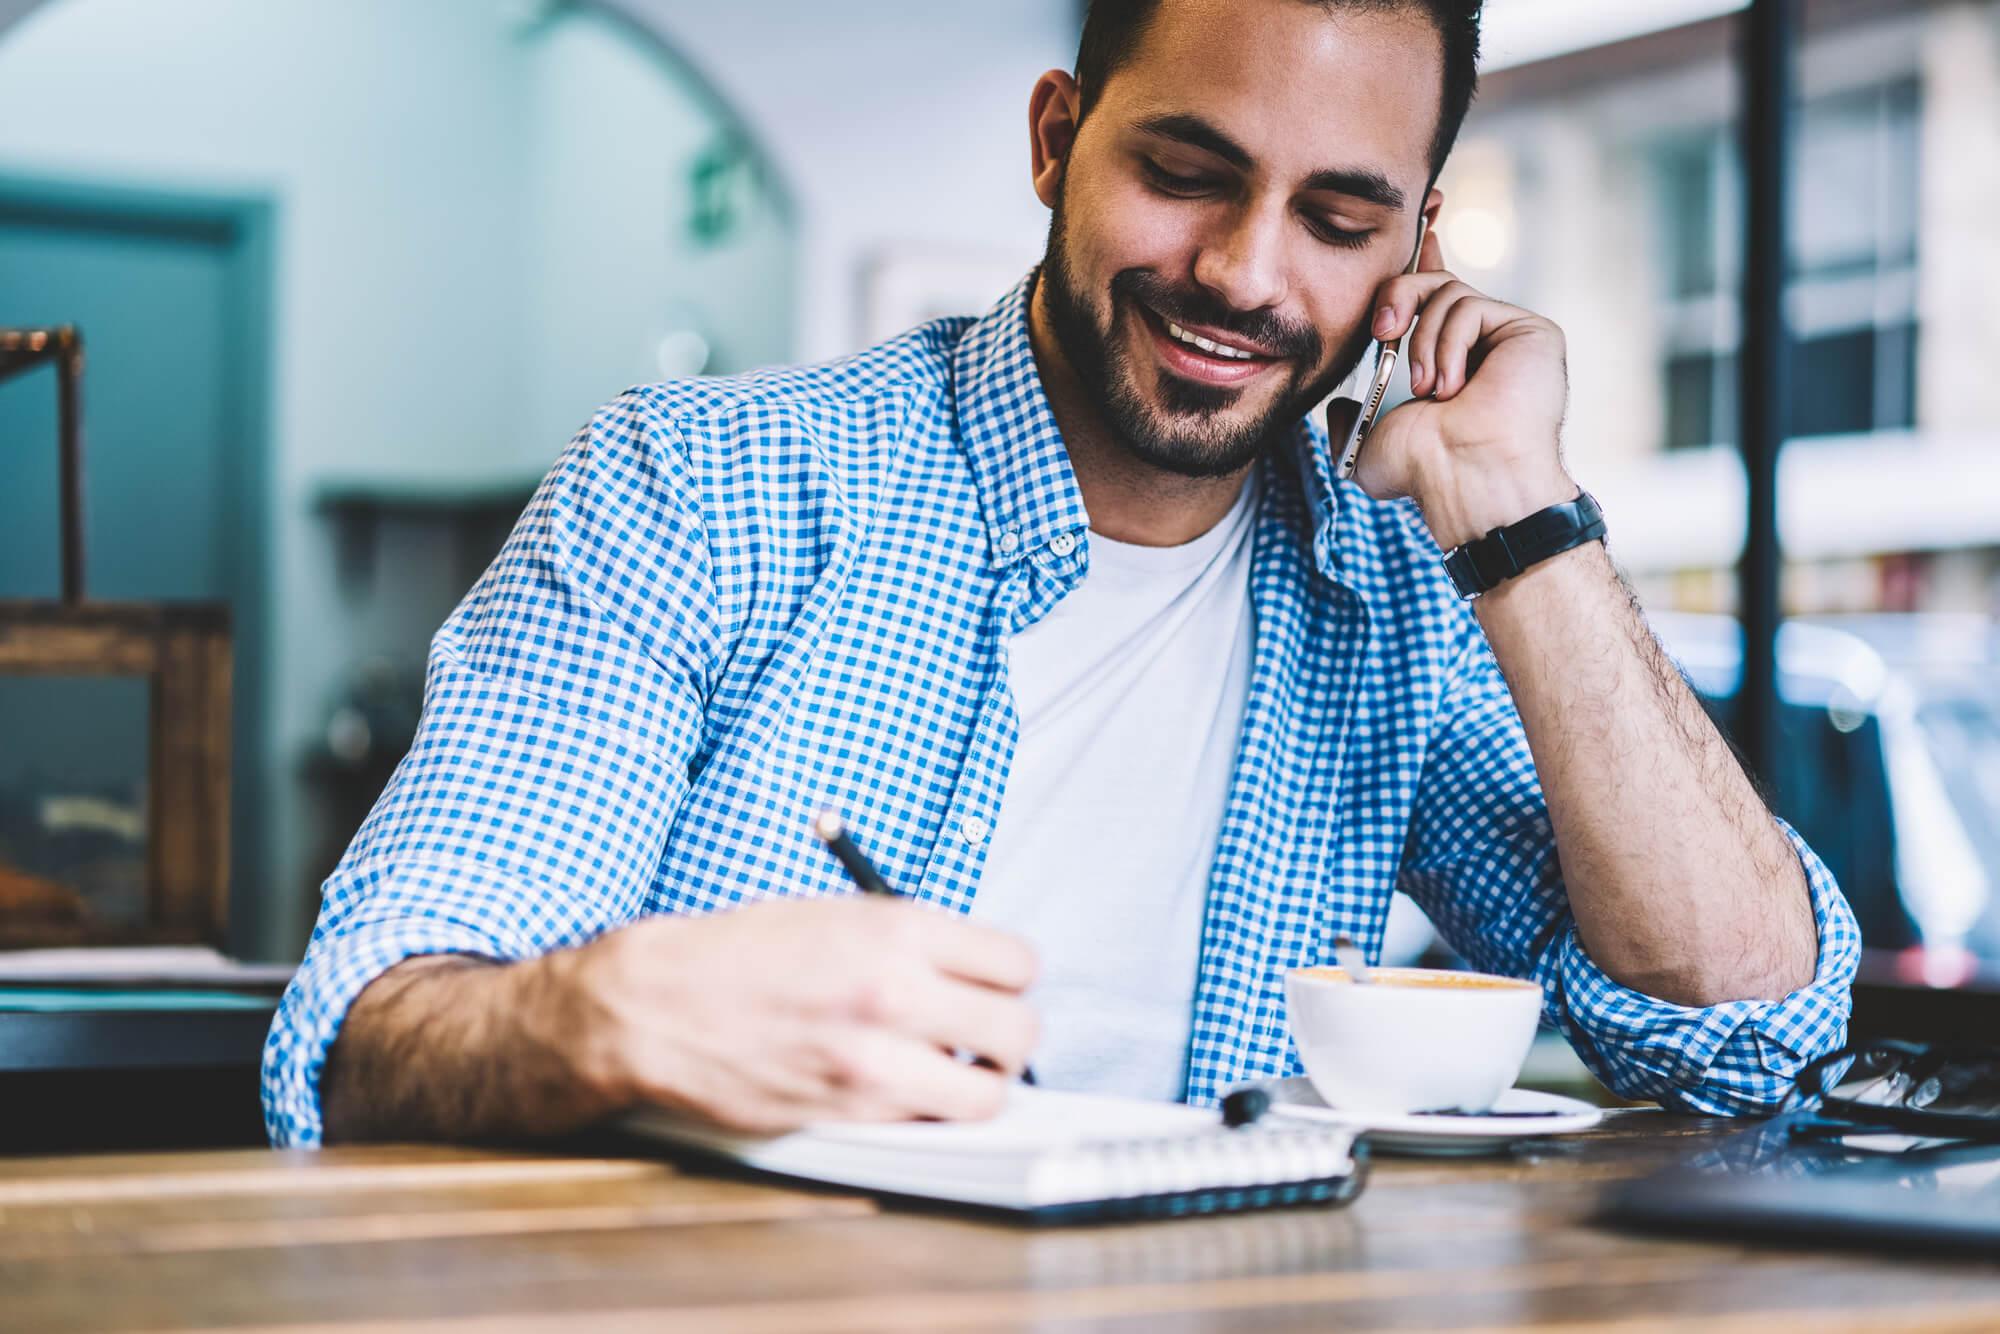 graduacao-a-distancia-permite-que-profissionais-conciliem-estudos-e-trabalho